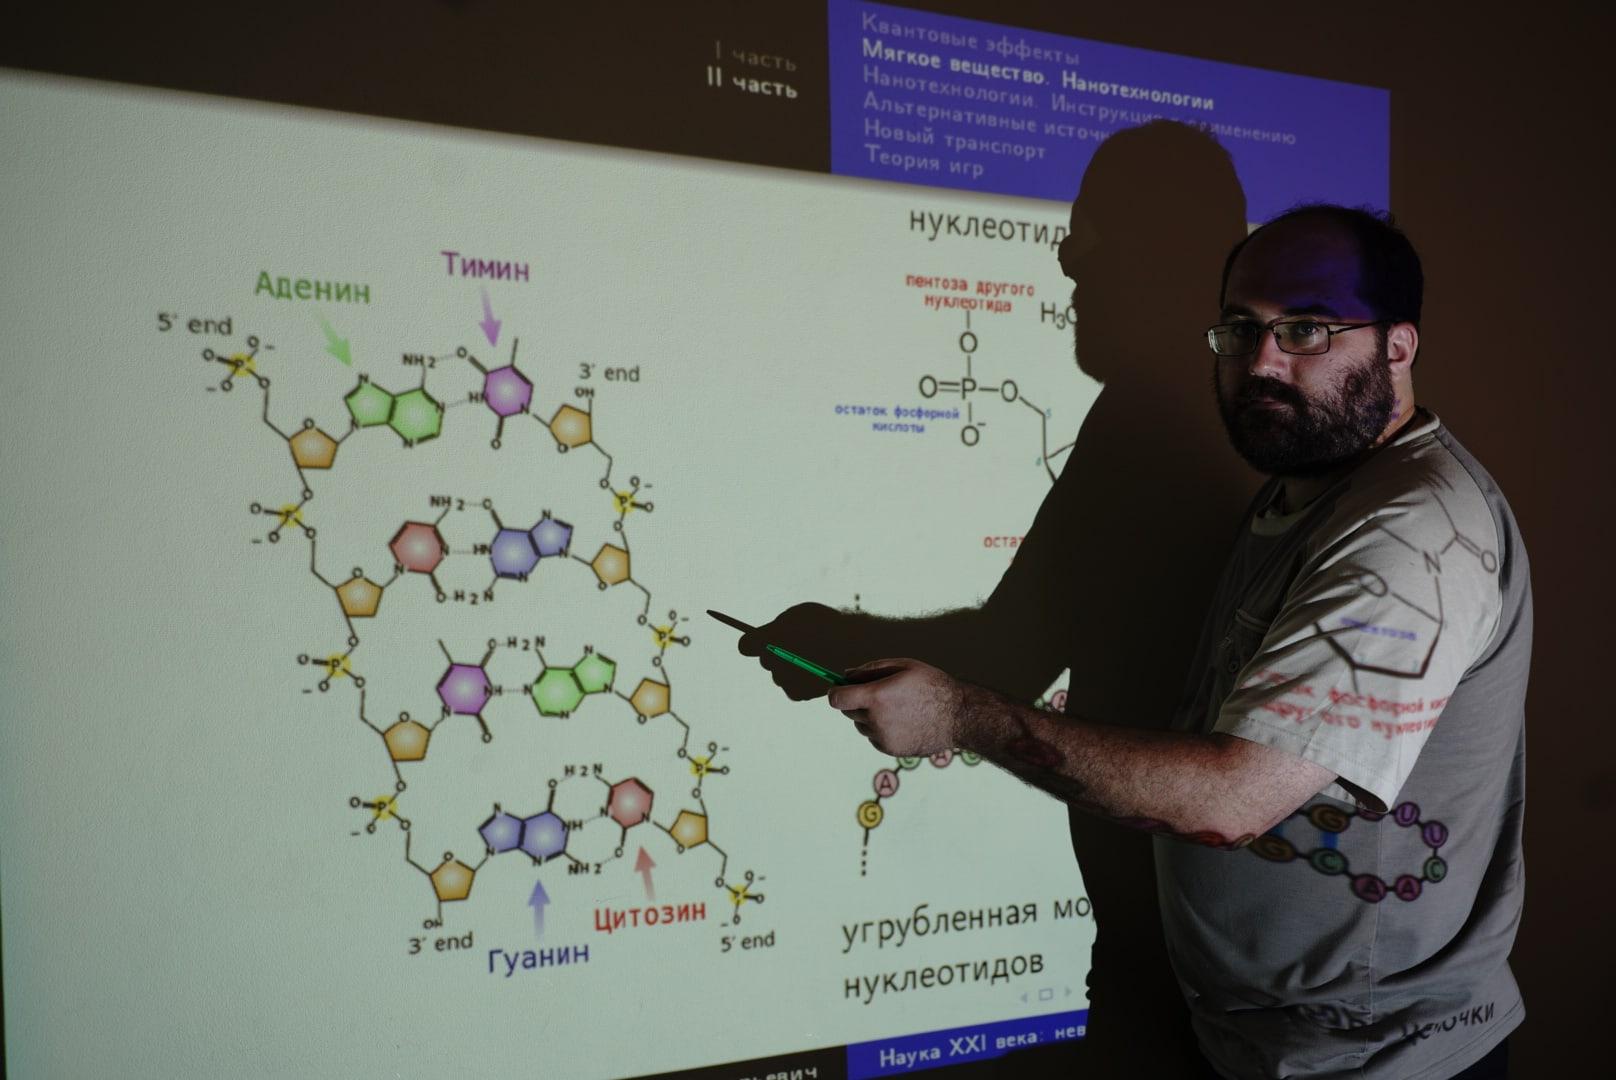 Наука XXI века: кандидат наук Олег Шавыкин о квантовых компьютерах и нейросетях